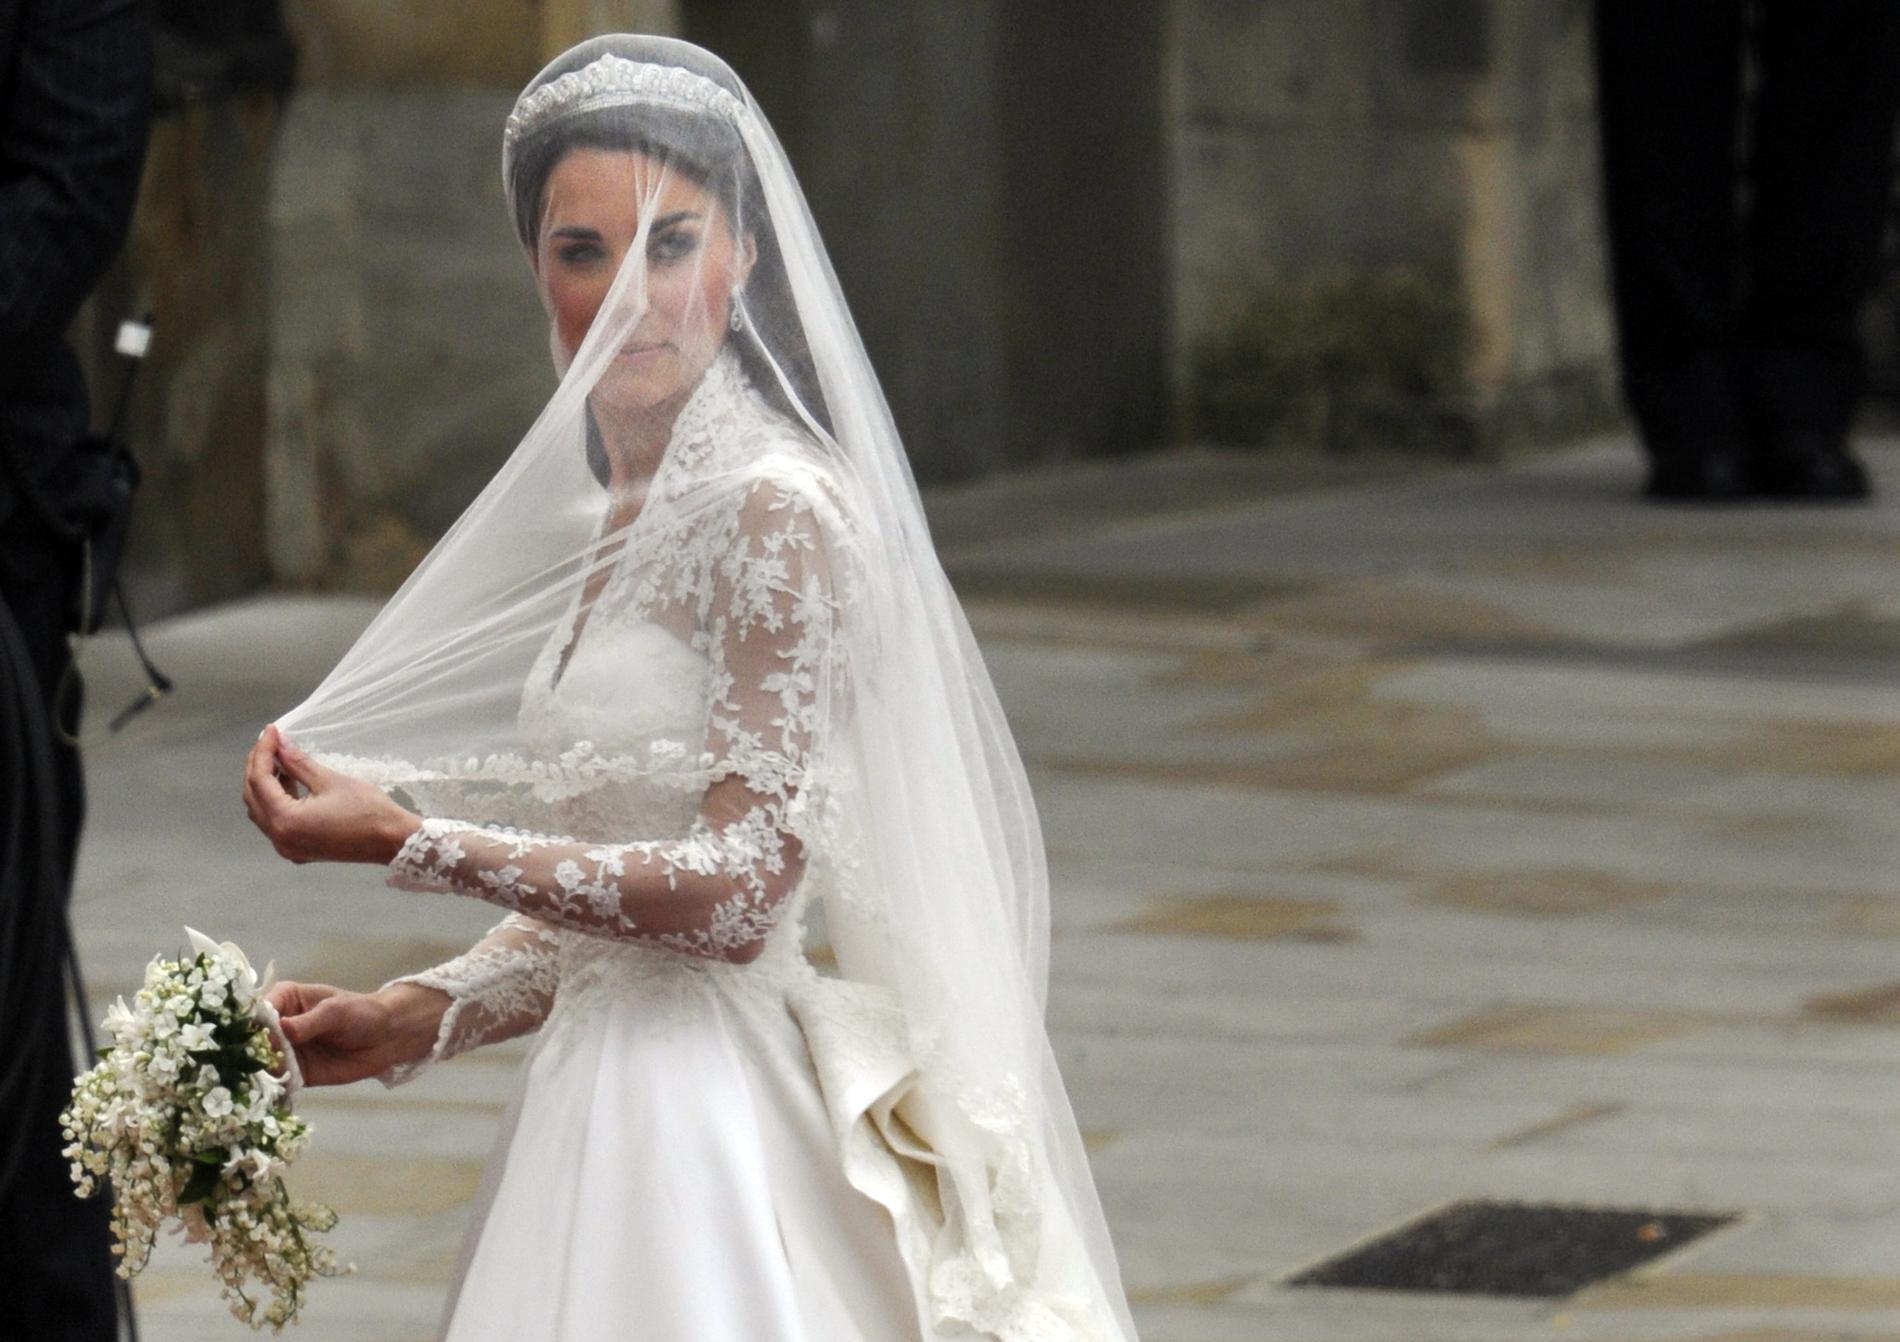 Polemique Autour De La Robe De Mariee De Kate Middleton Alexander